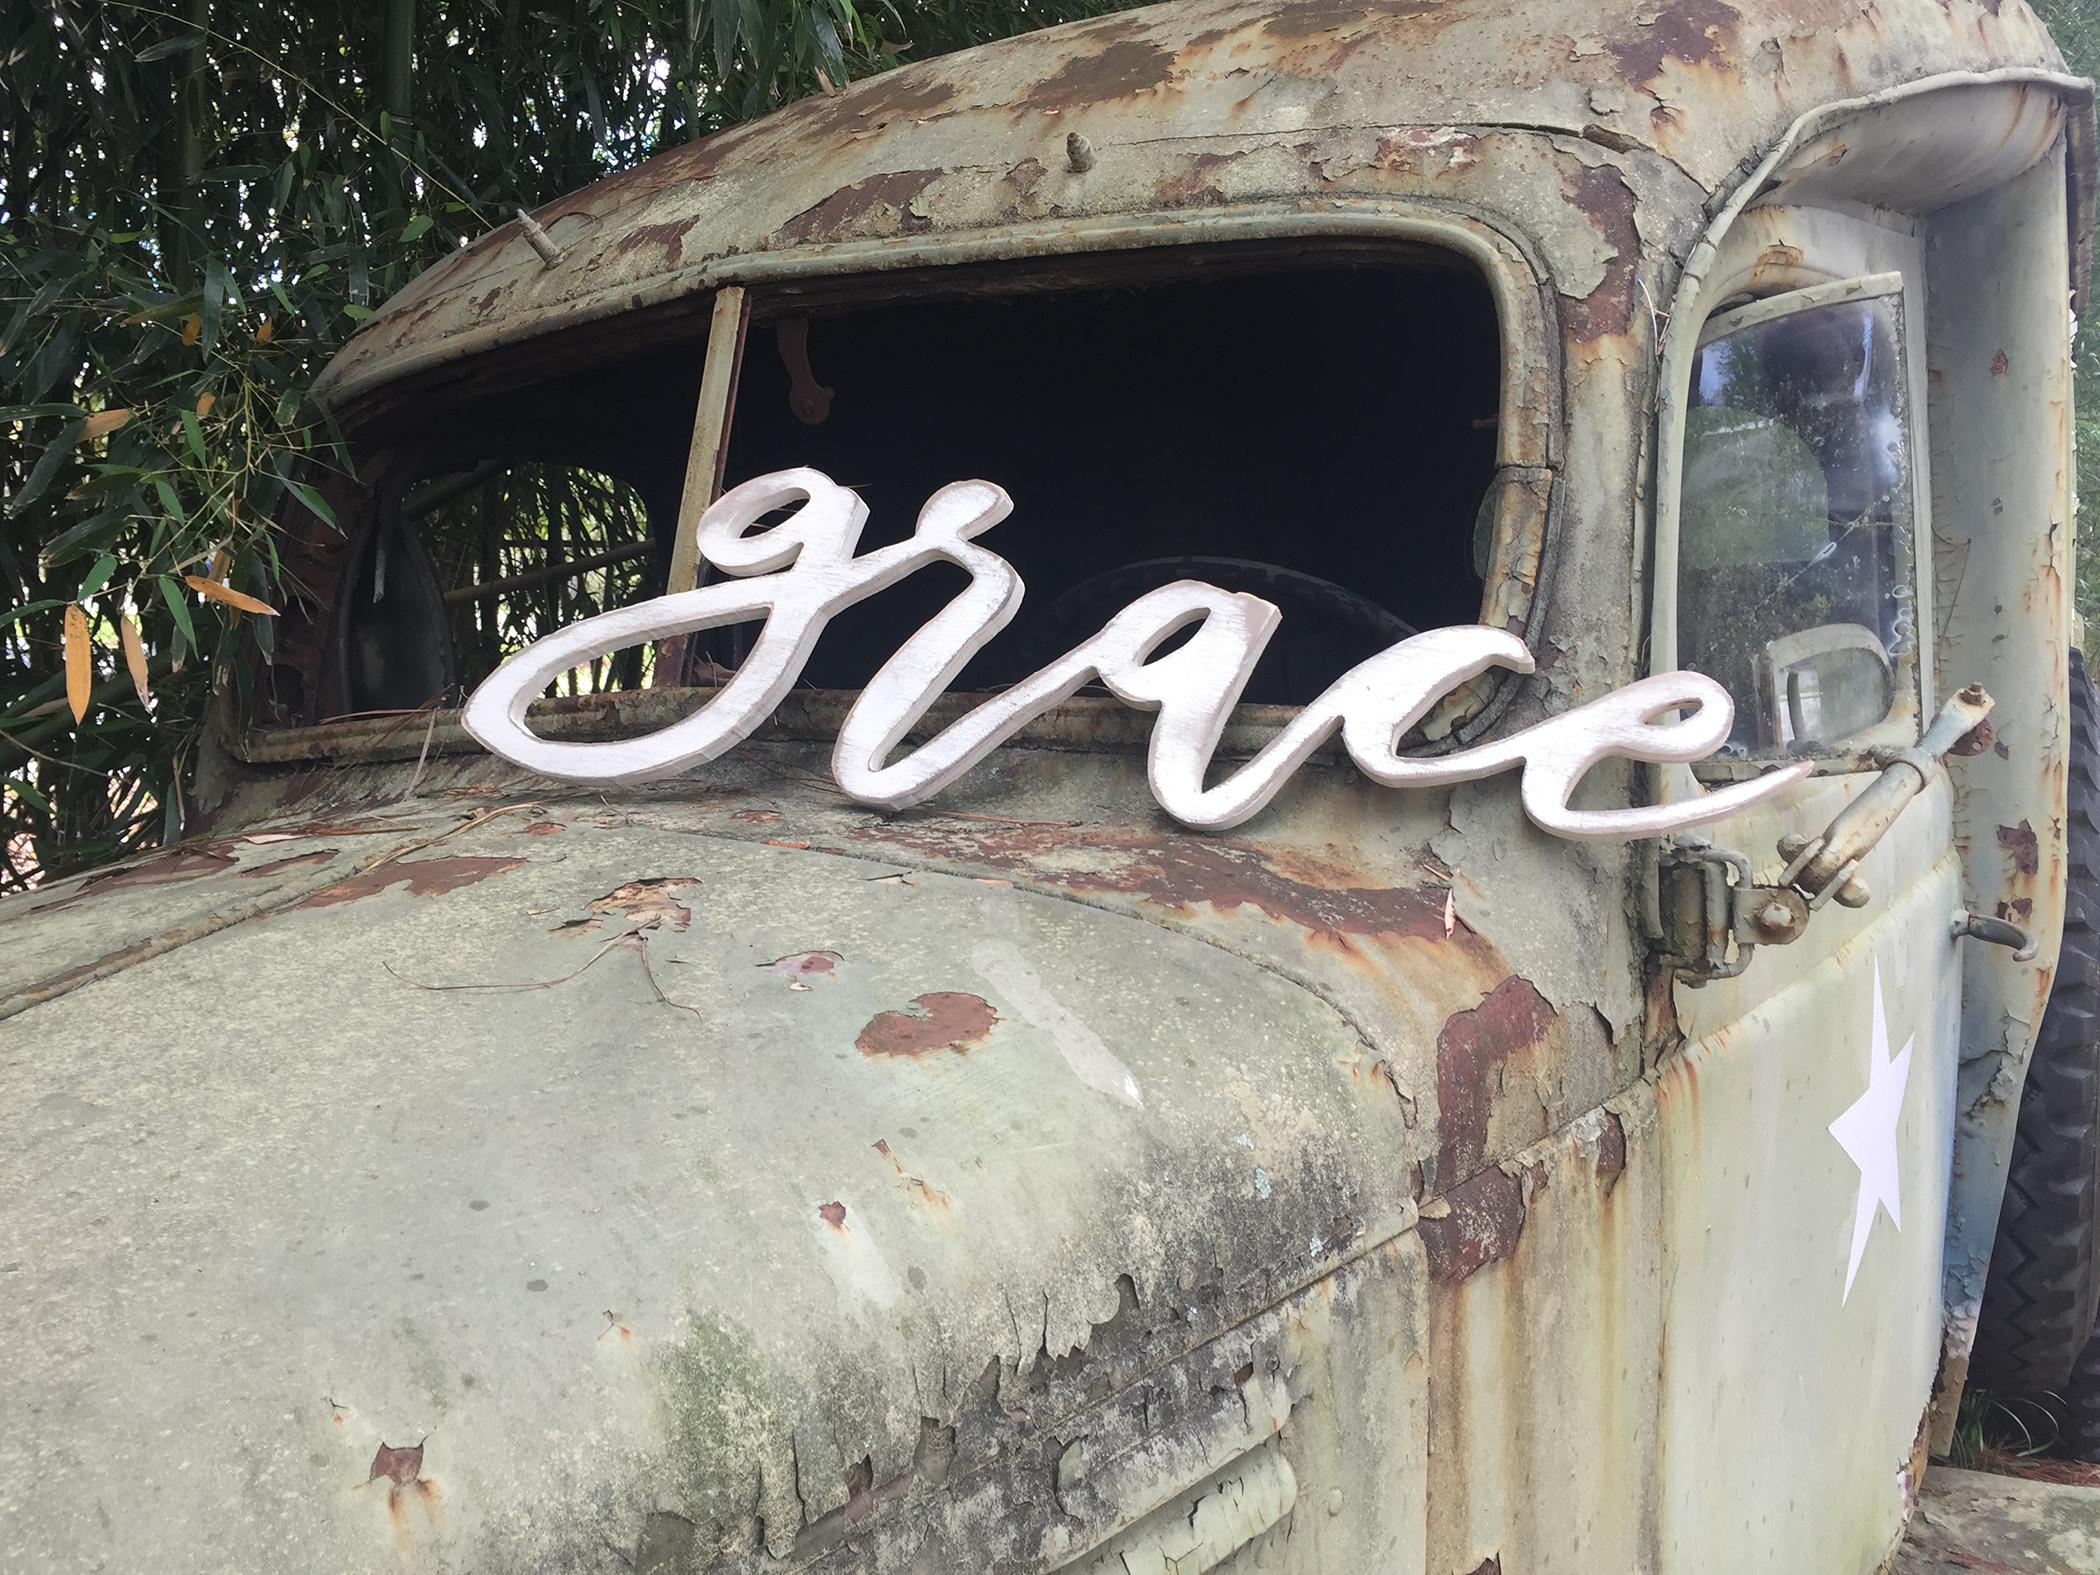 Grace on Truck